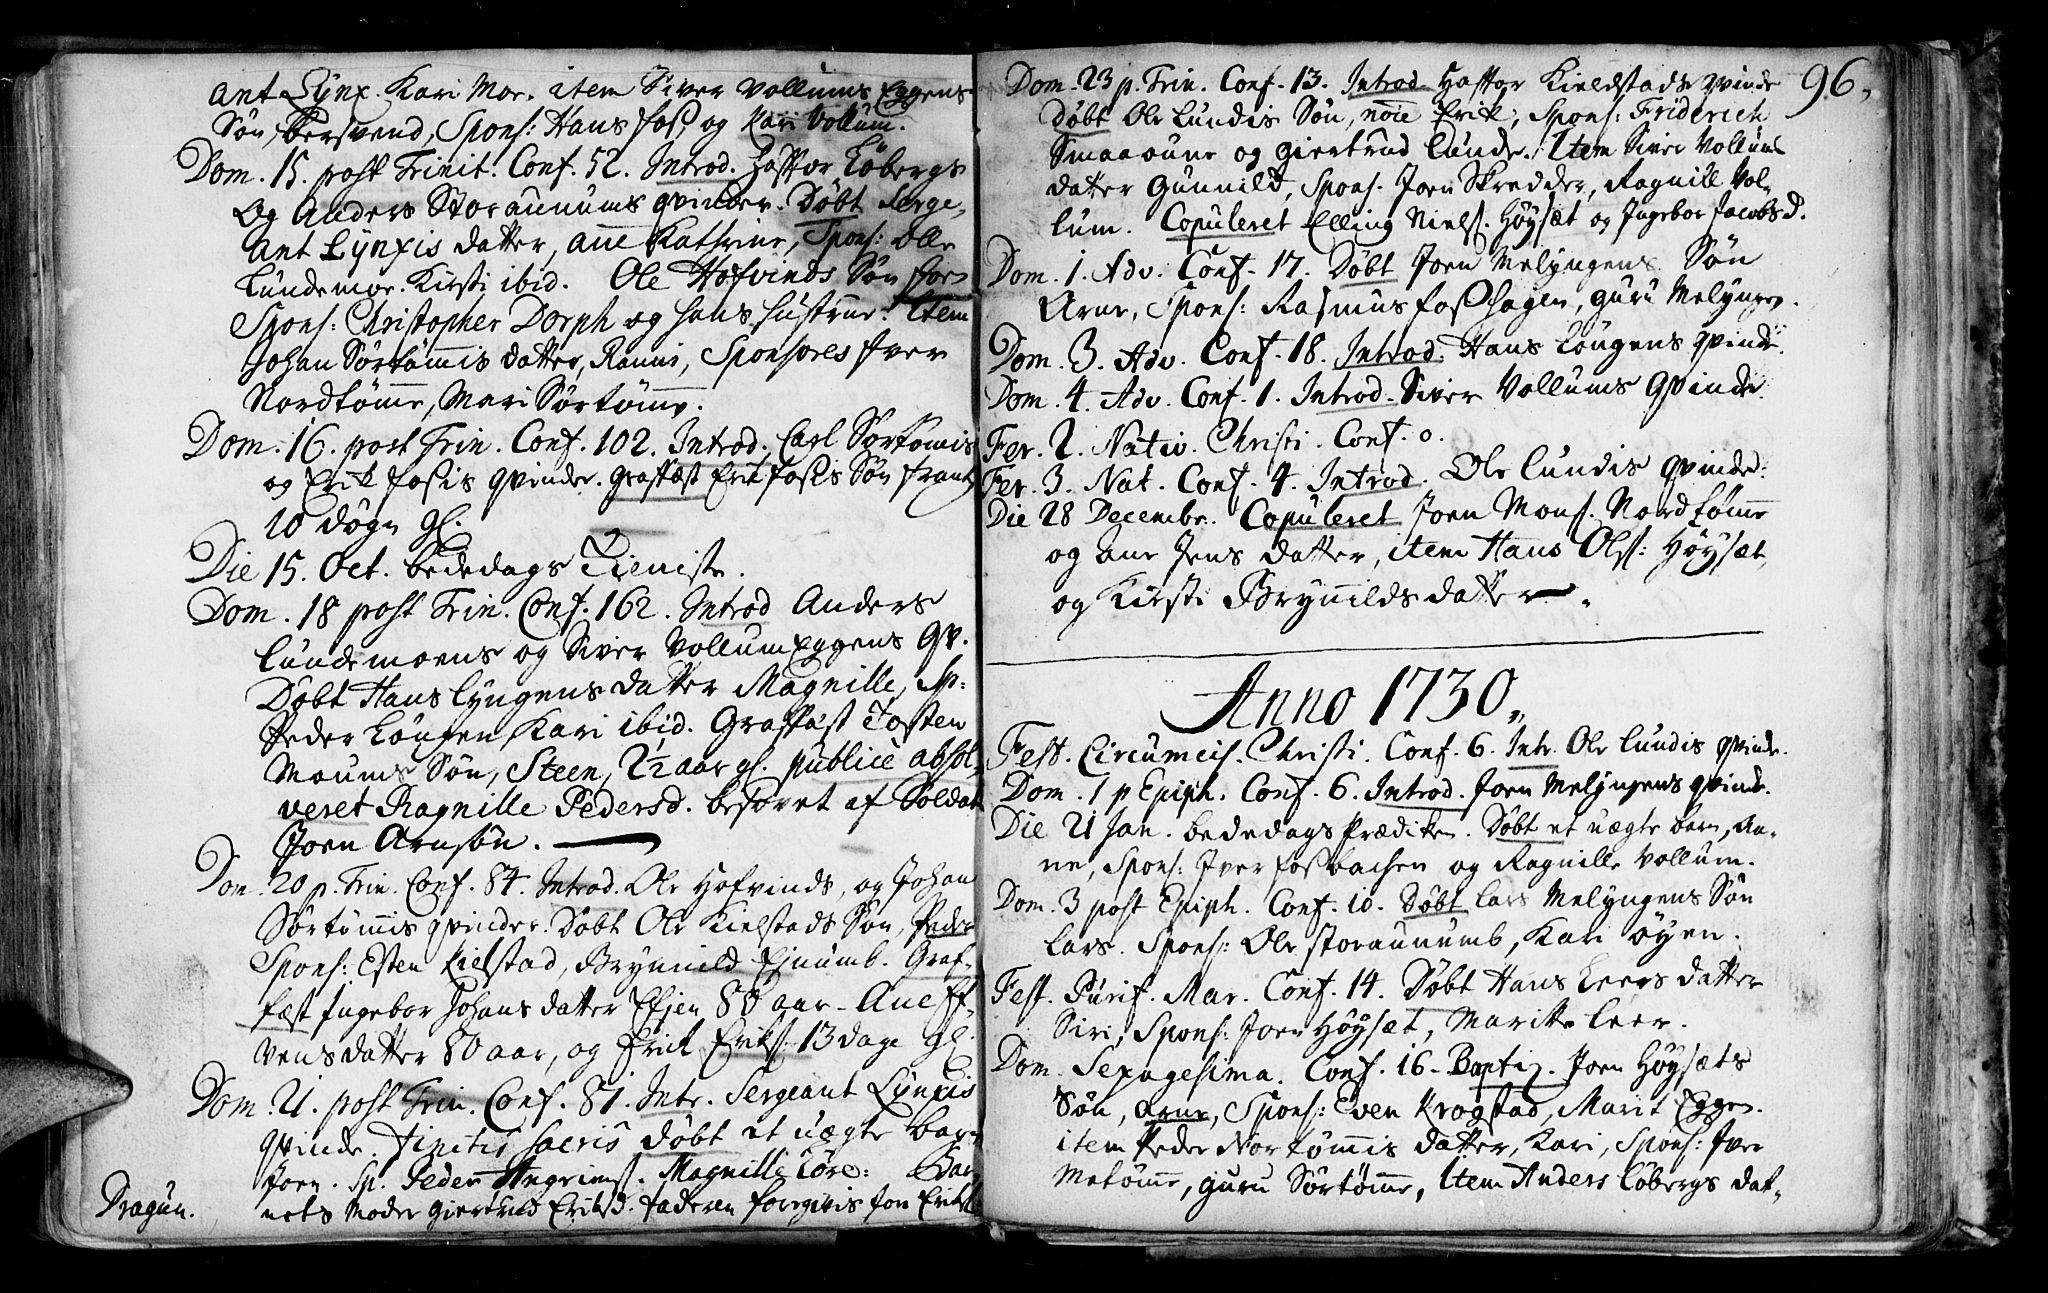 SAT, Ministerialprotokoller, klokkerbøker og fødselsregistre - Sør-Trøndelag, 692/L1101: Ministerialbok nr. 692A01, 1690-1746, s. 96